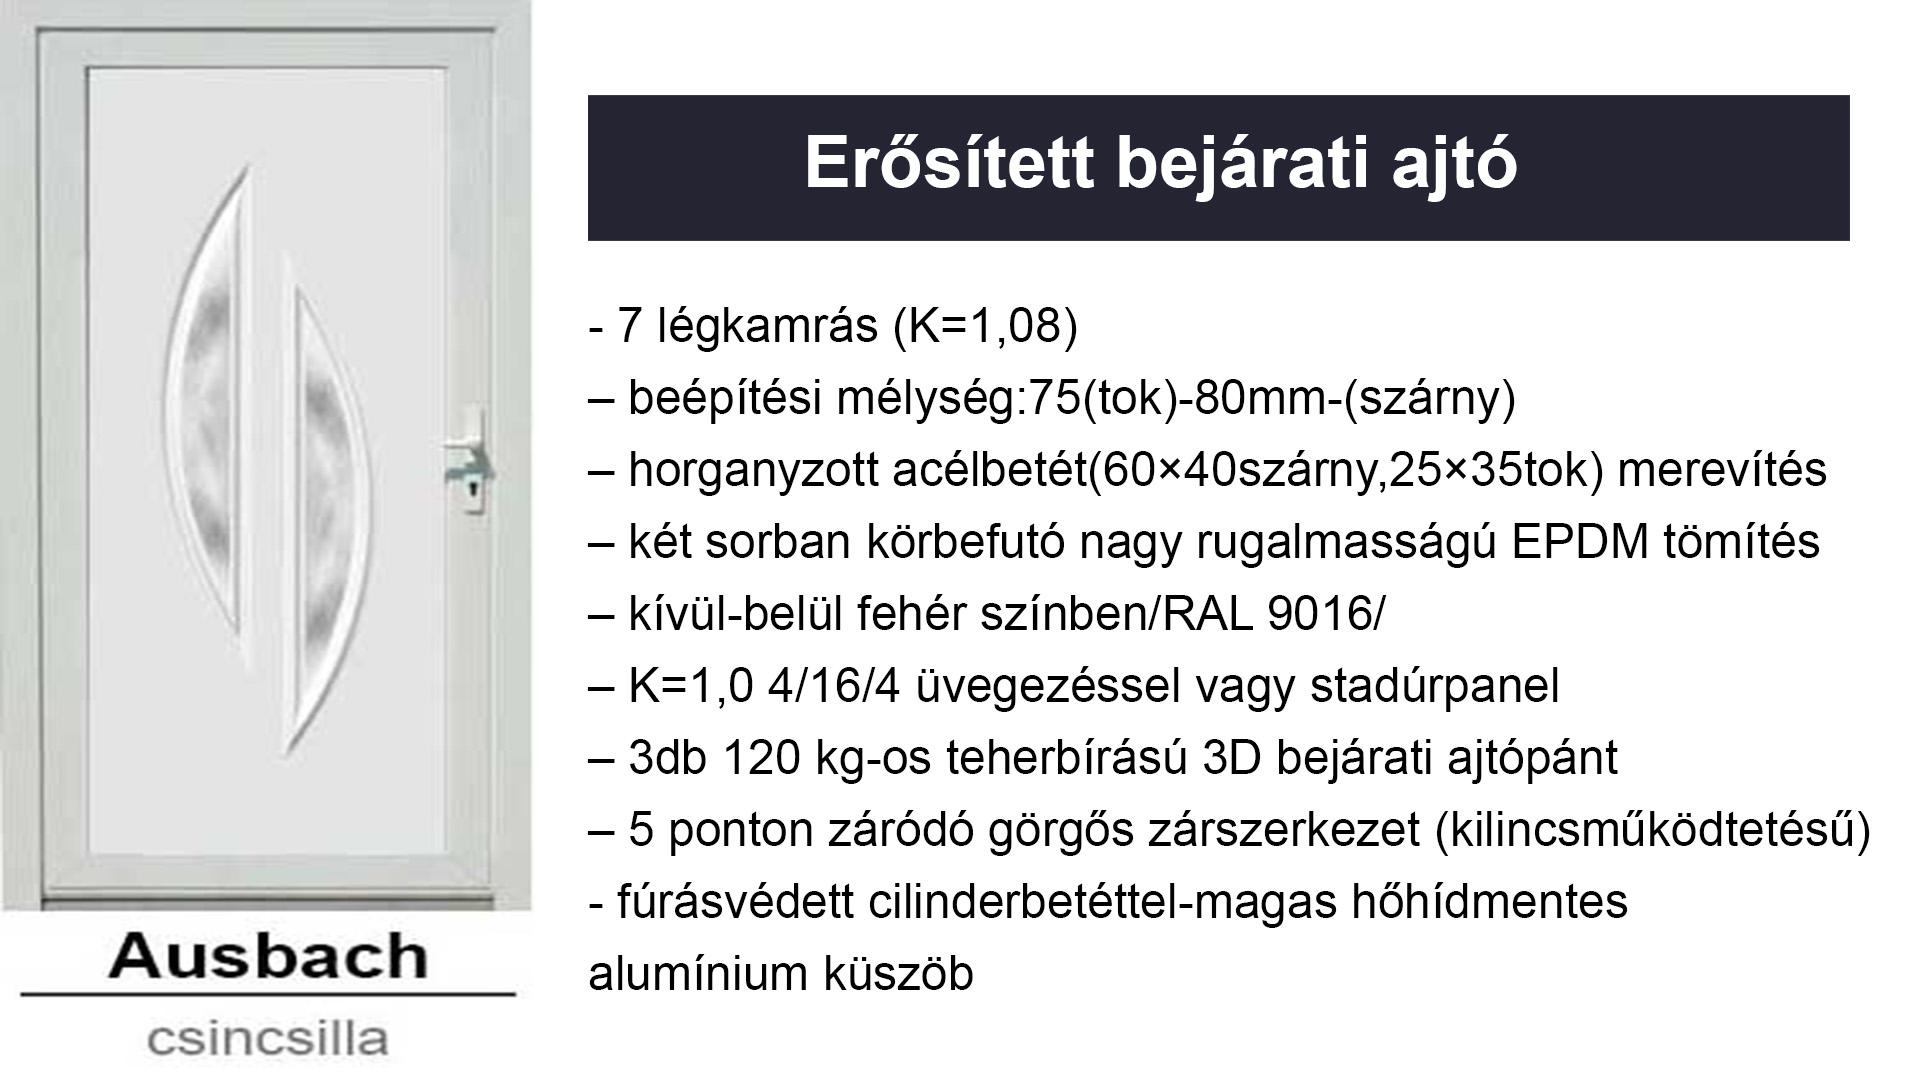 Műanyag bejárati ajtók - erősített kivitelben -Ausbach